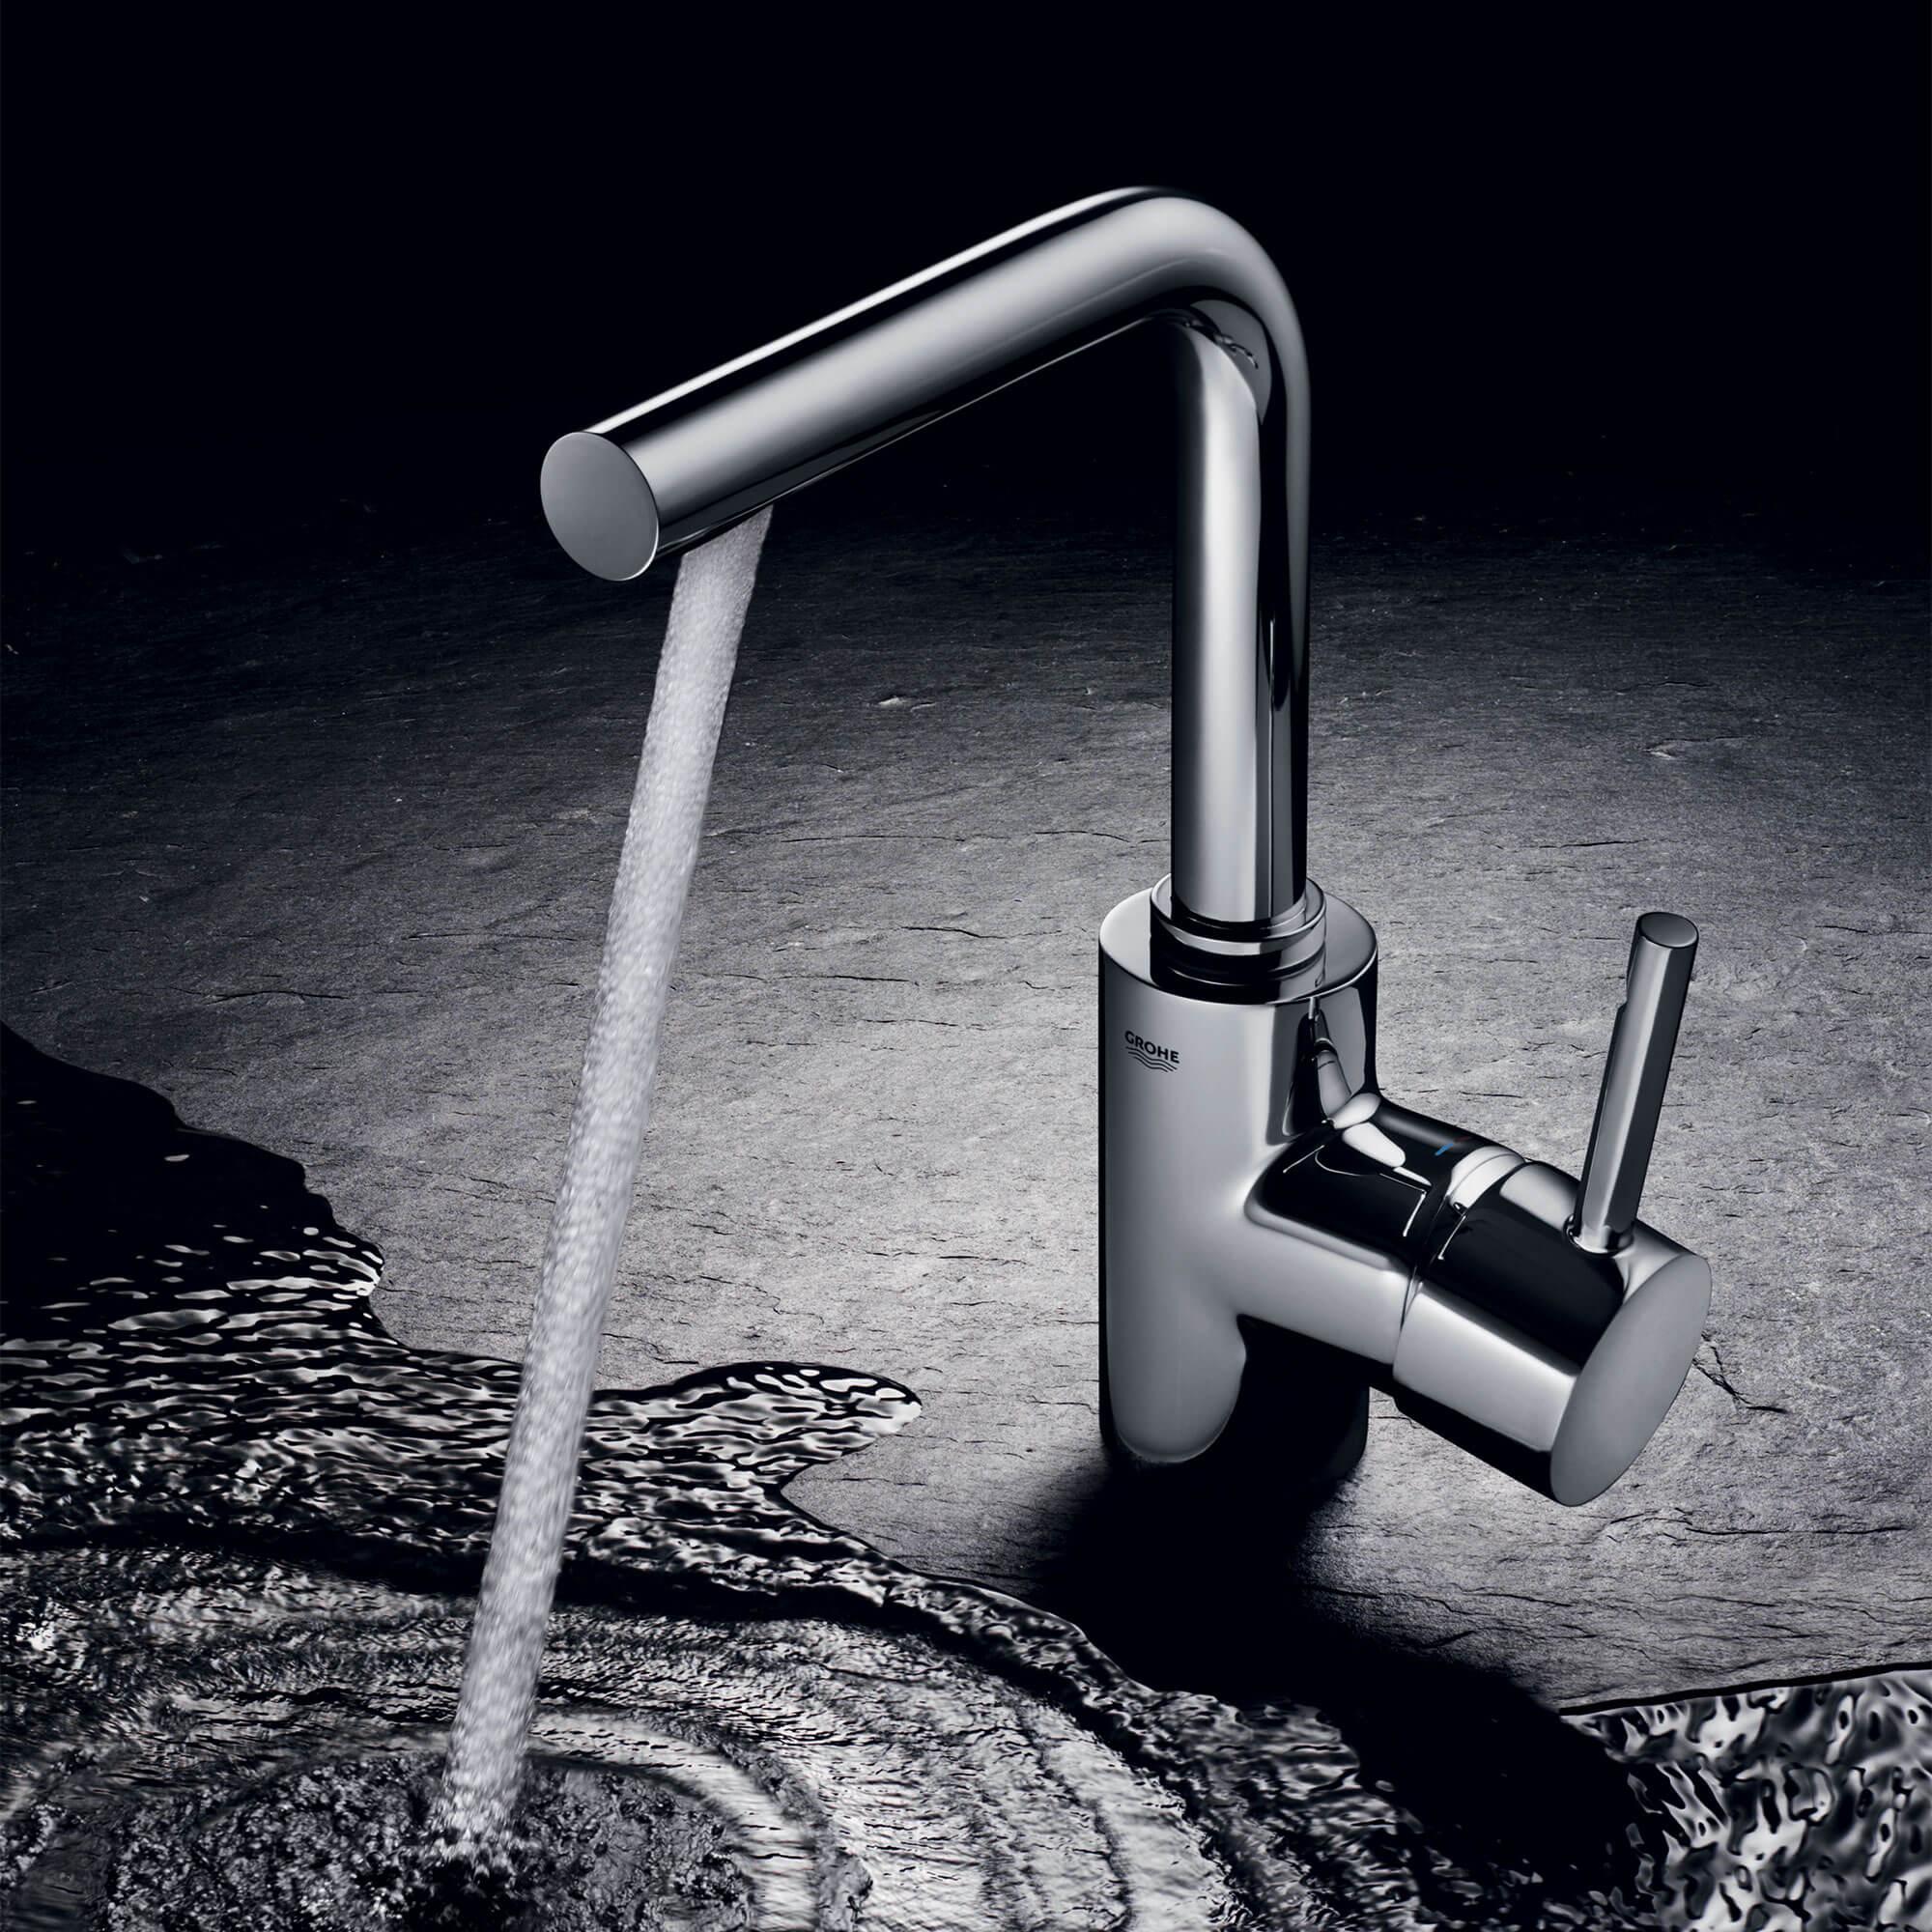 Le robinet de salle de bain Essence pulvérise de l'eau dans une flaque d'eau.